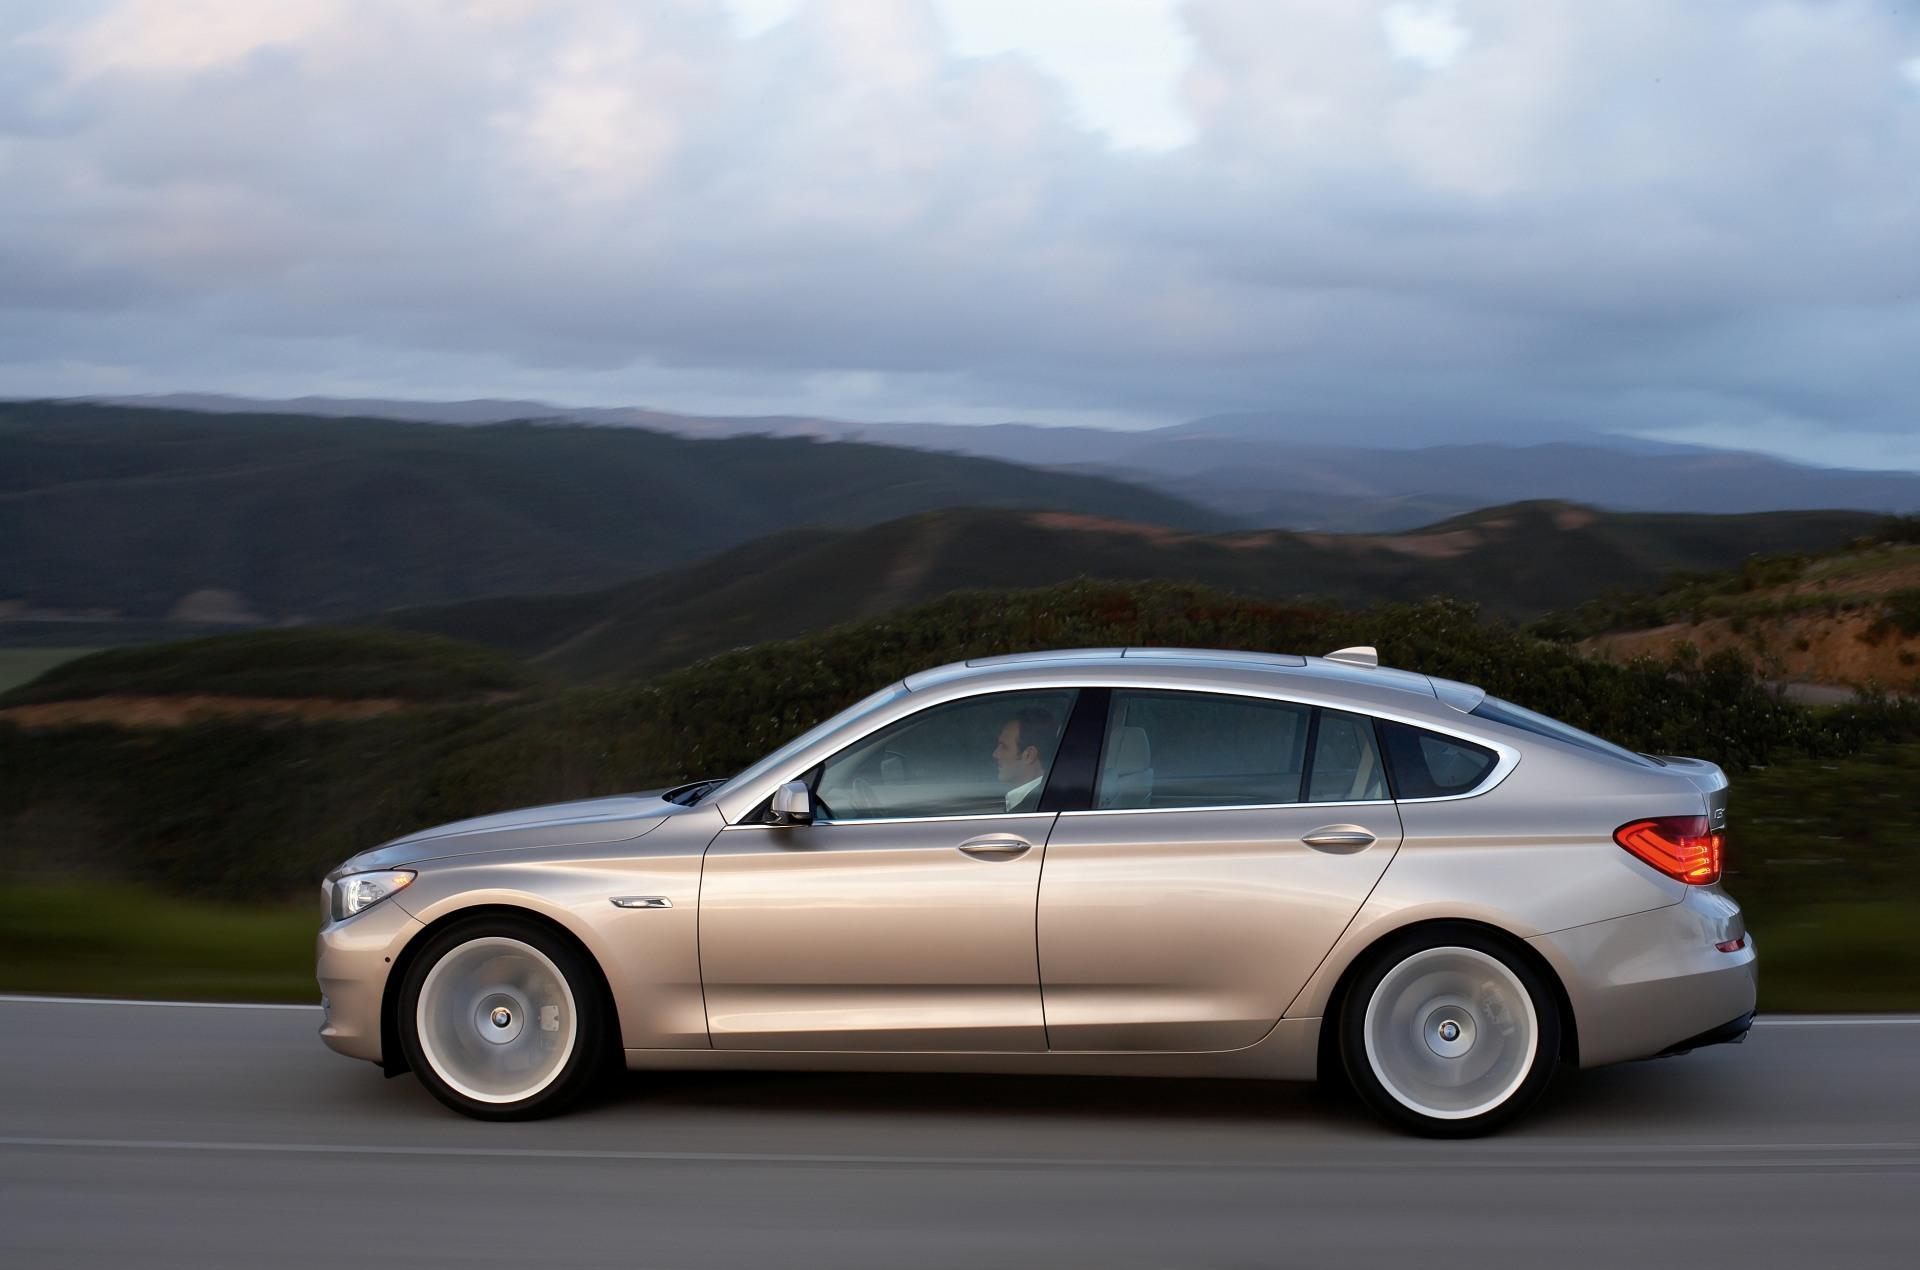 2010 BMW 5 Series Gran Turismo - conceptcarz.com